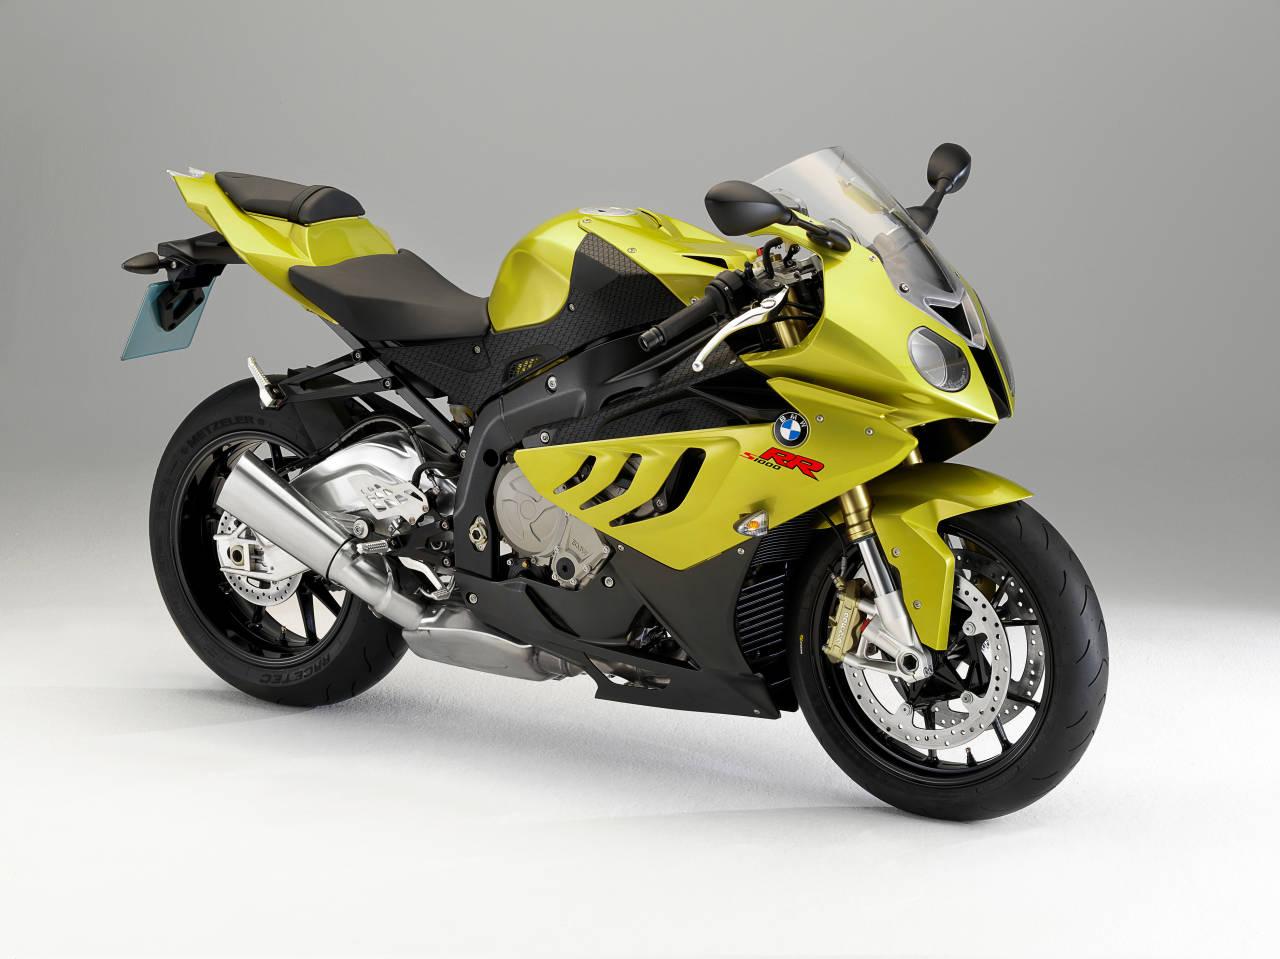 http://2.bp.blogspot.com/-rMS9KjlArfo/TpwnLX8WOfI/AAAAAAAAA-4/qscH_HPj3s8/s1600/BMW-S1000RR-2.jpg